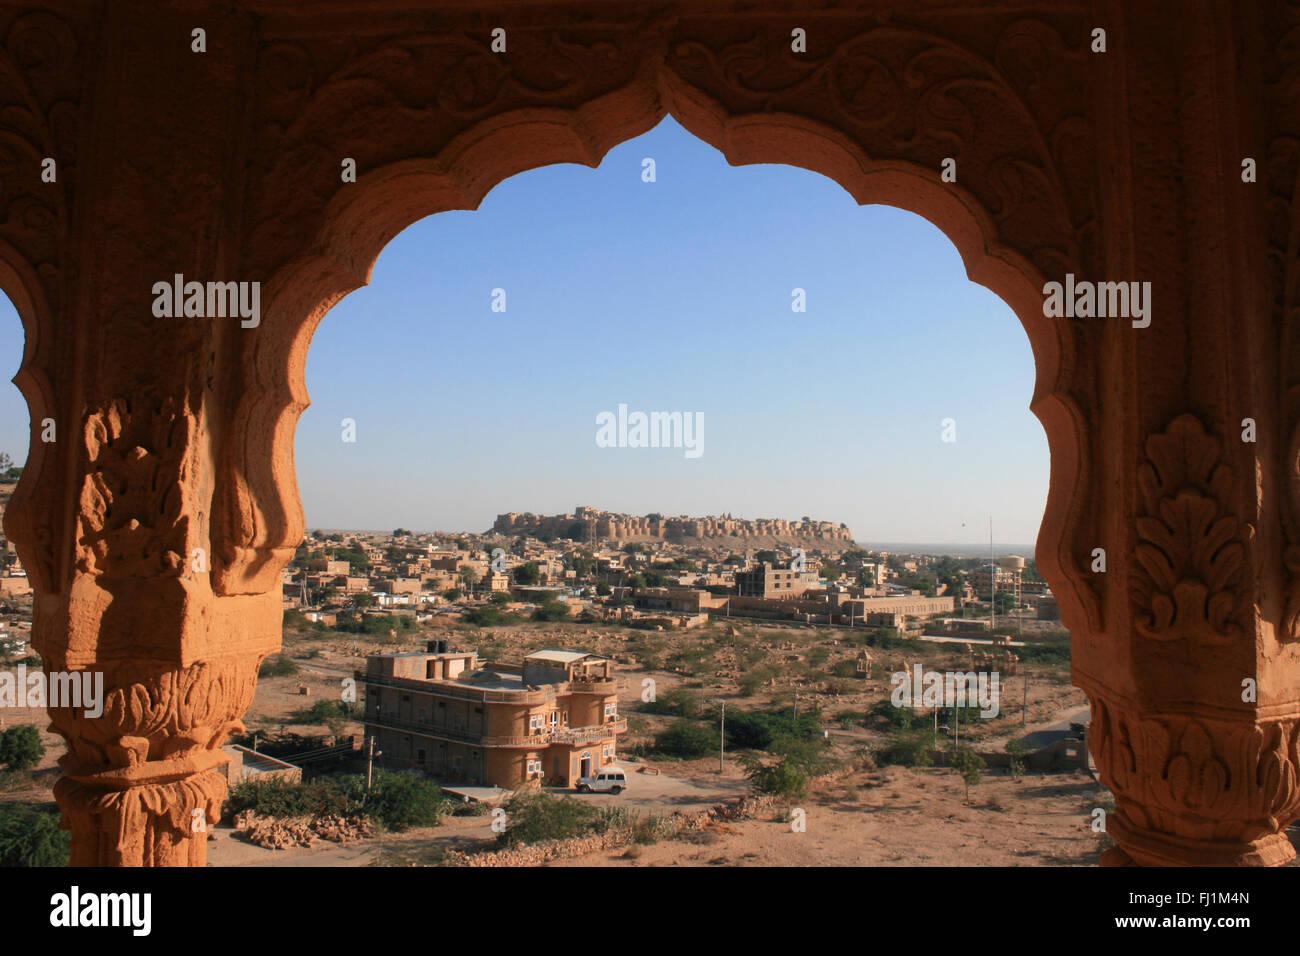 Straordinaria vista panoramica sulla città di Jaisalmer, con il forte di fortezza nel centro, Rajasthan, India Immagini Stock